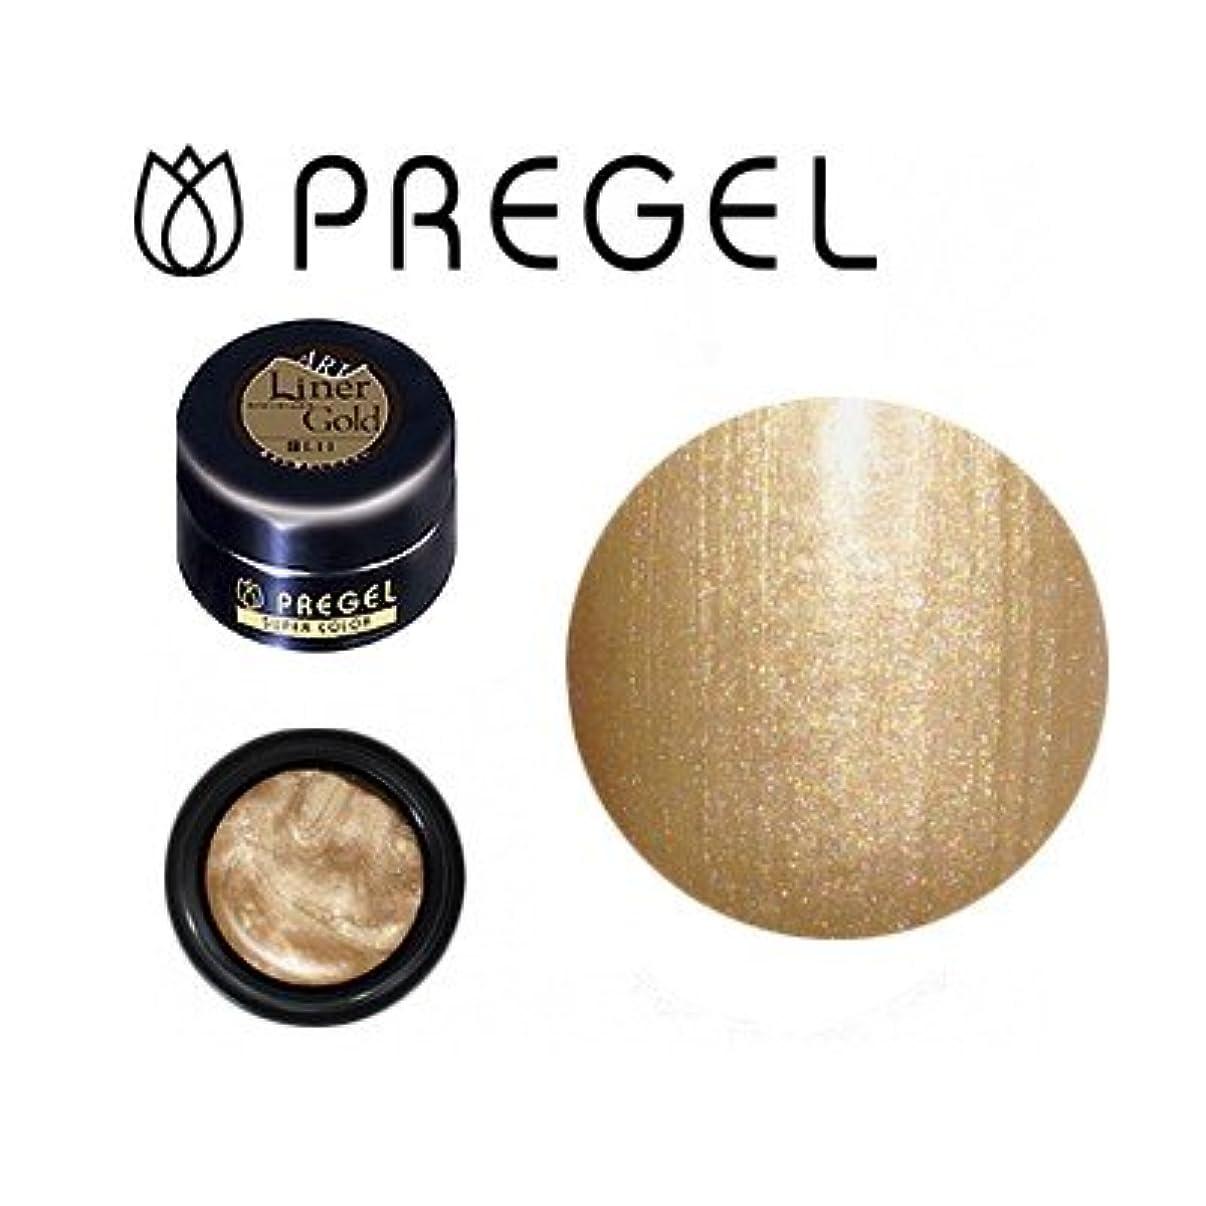 象お母さんジェムジェルネイル カラージェル プリジェル PREGEL スーパーカラーEx ライナーゴールド-P 4g